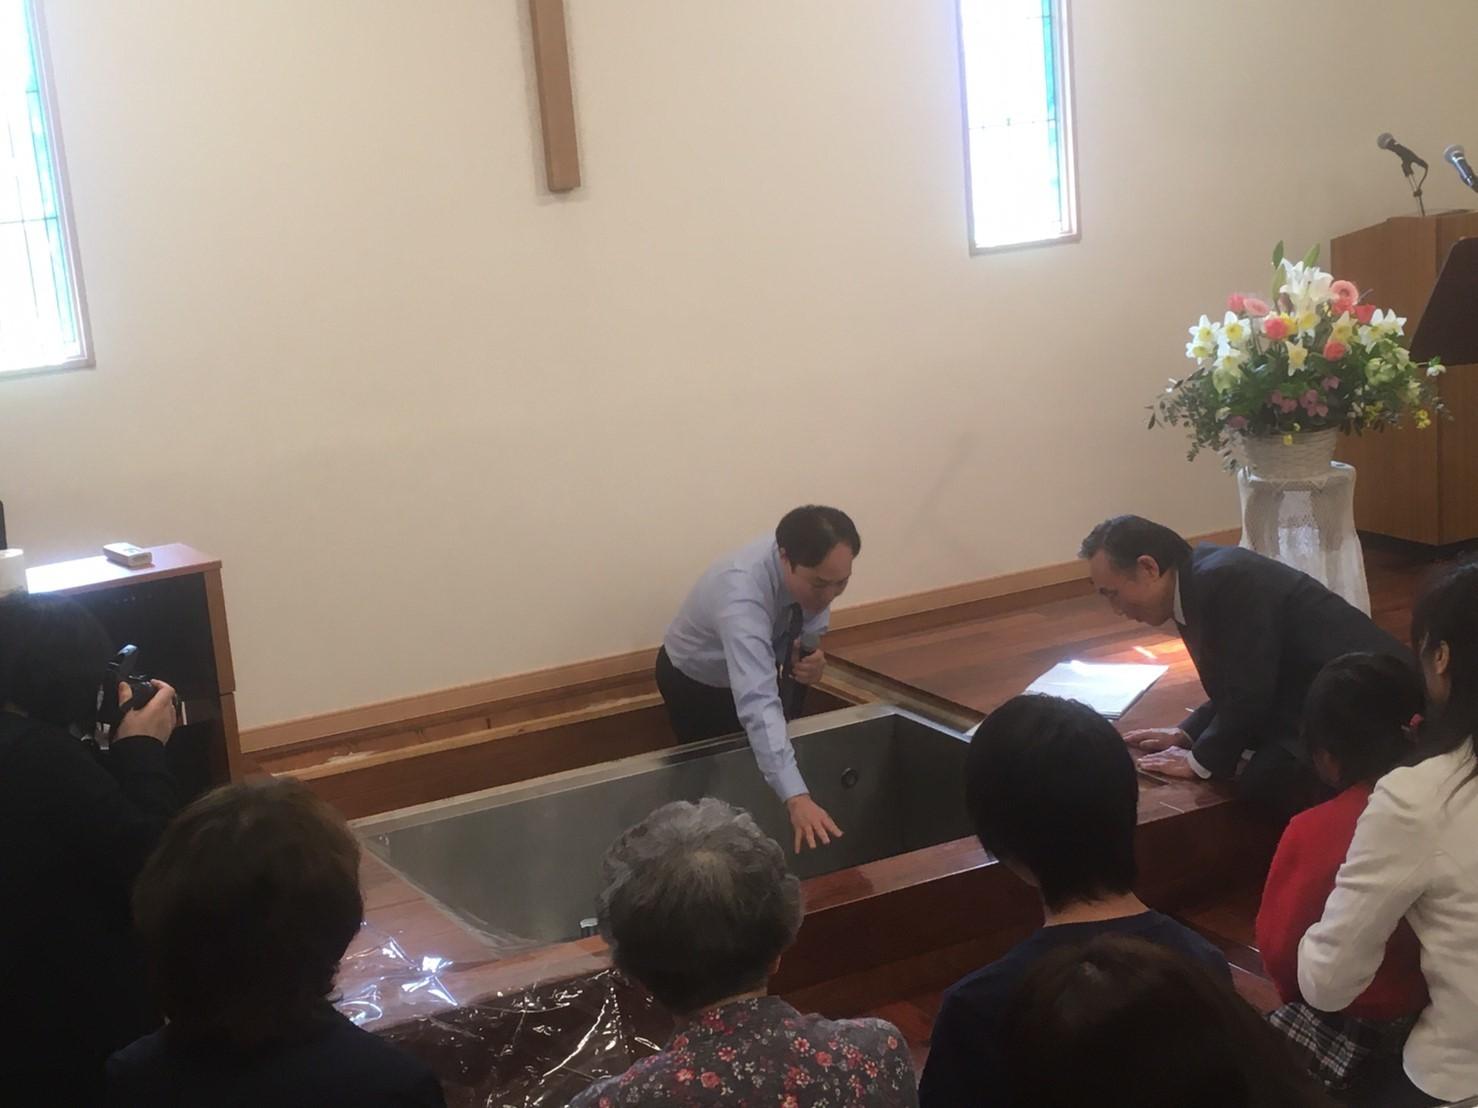 とっても素敵な洗礼式がありました!(*^▽^*)_d0120628_21415091.jpg